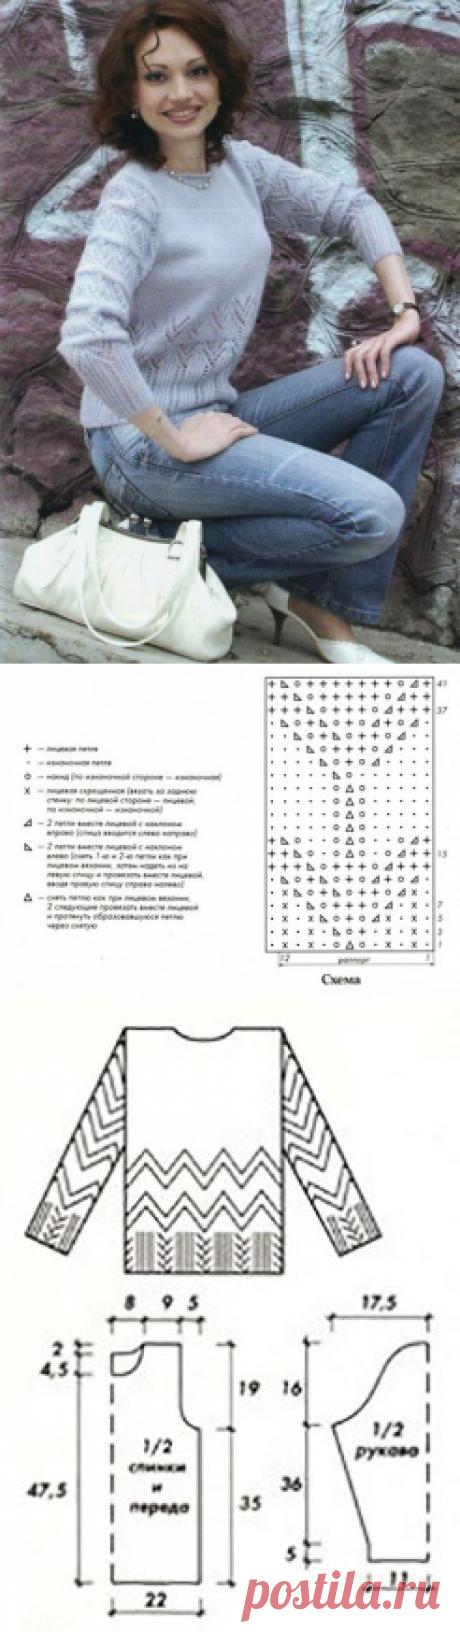 Женственный пуловер с ажурными узорами спицами – схема с описанием — Пошивчик одежды